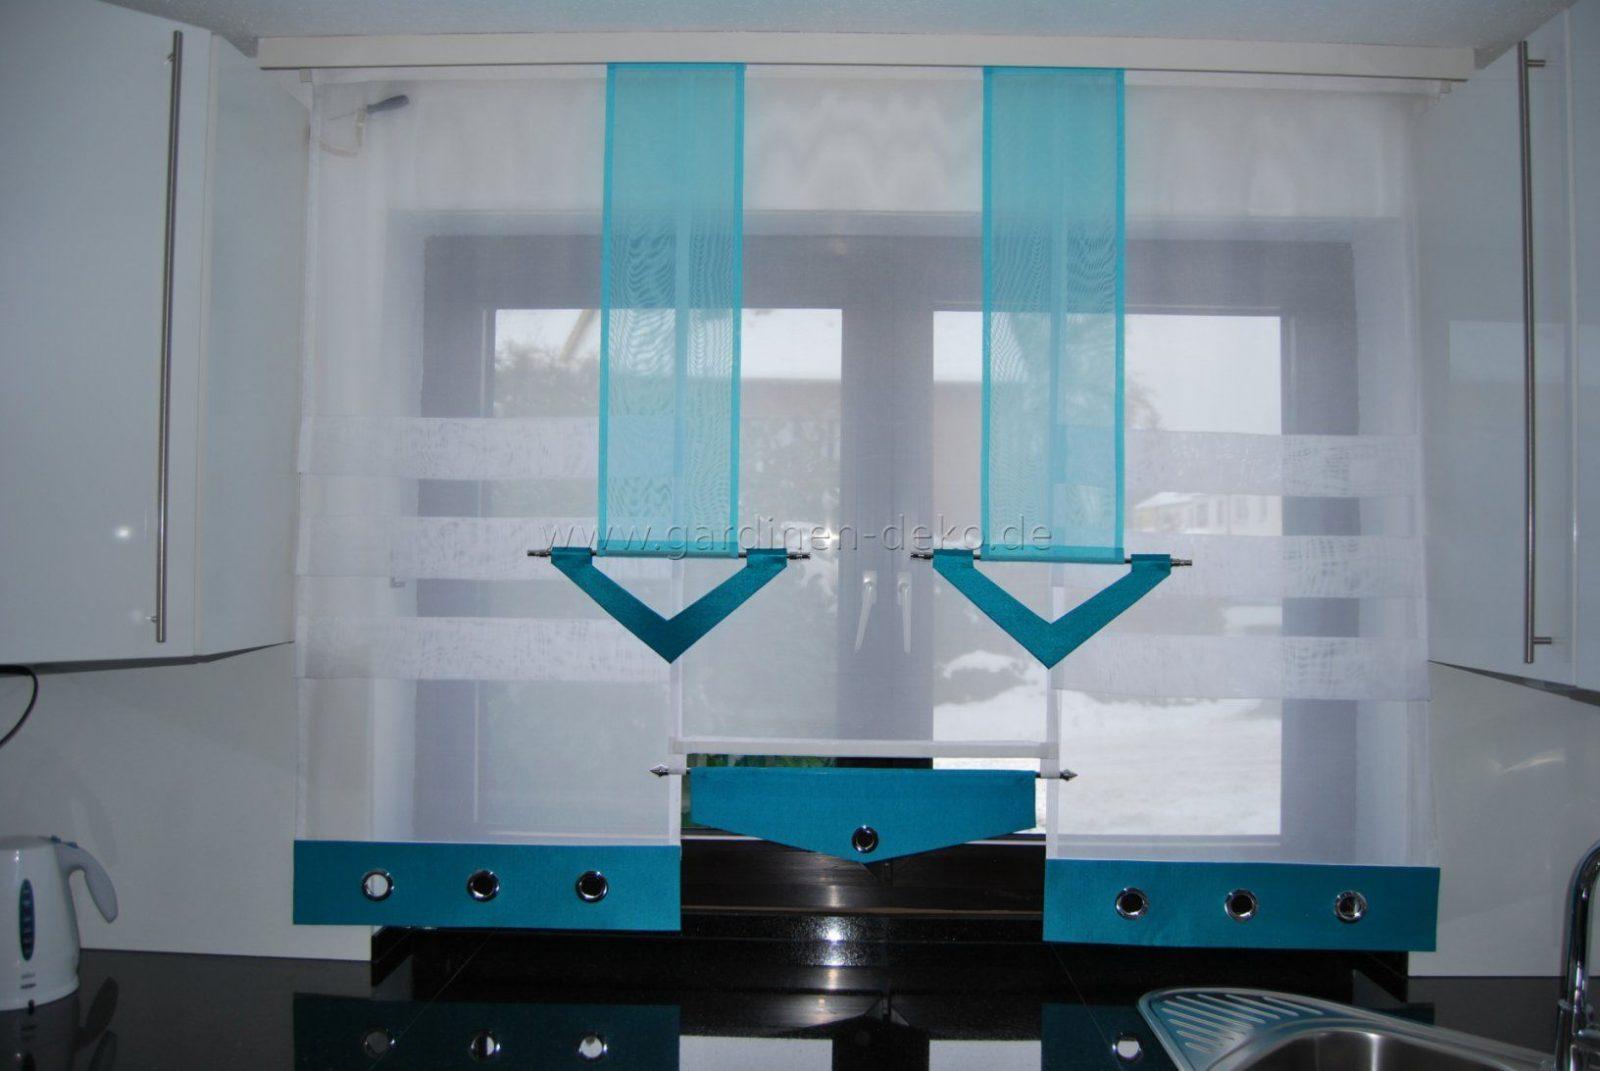 Stufenvorhang Für Die Küche In Edlem Türkis Und Weiß Mit Ösen  Http von Gardinen In Der Küche Bild